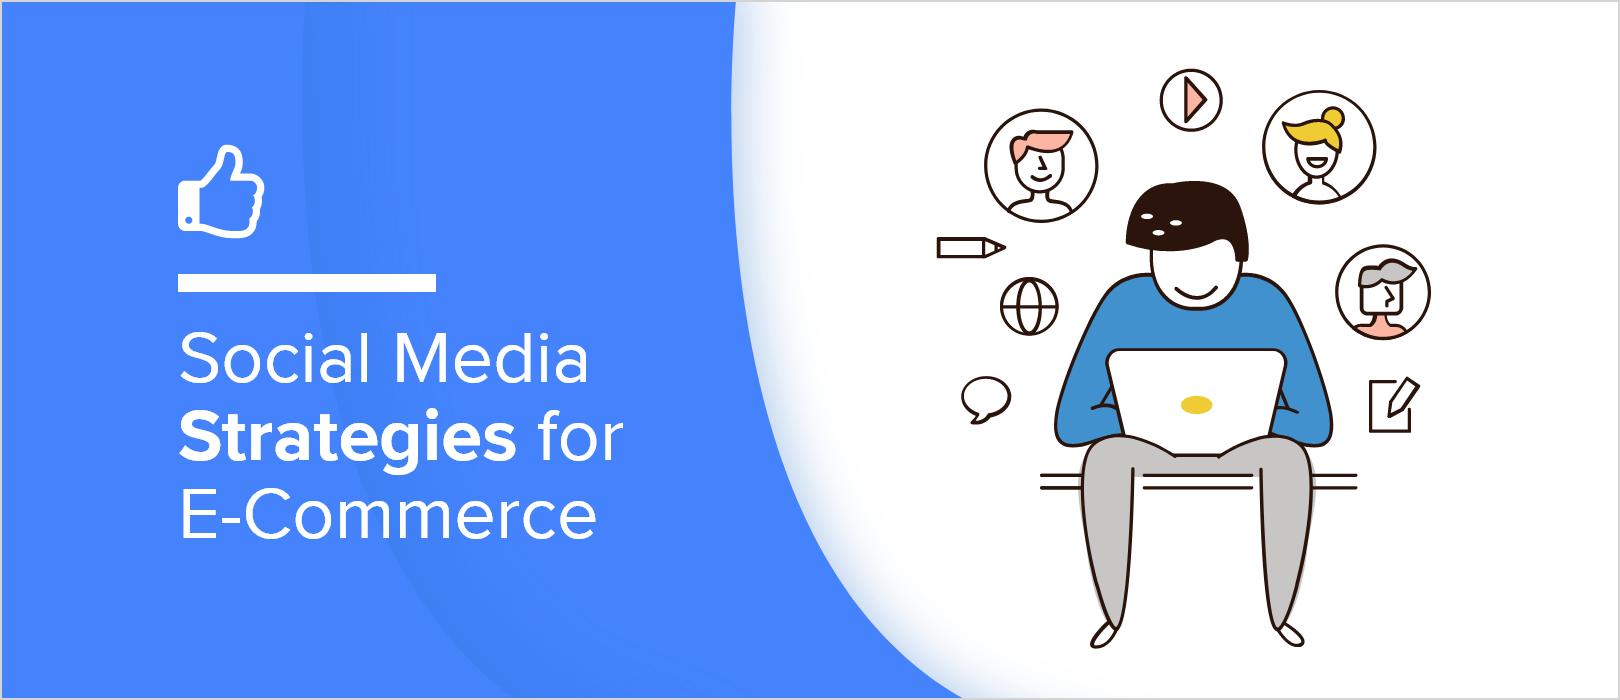 Social Media Strategies for E-commerce